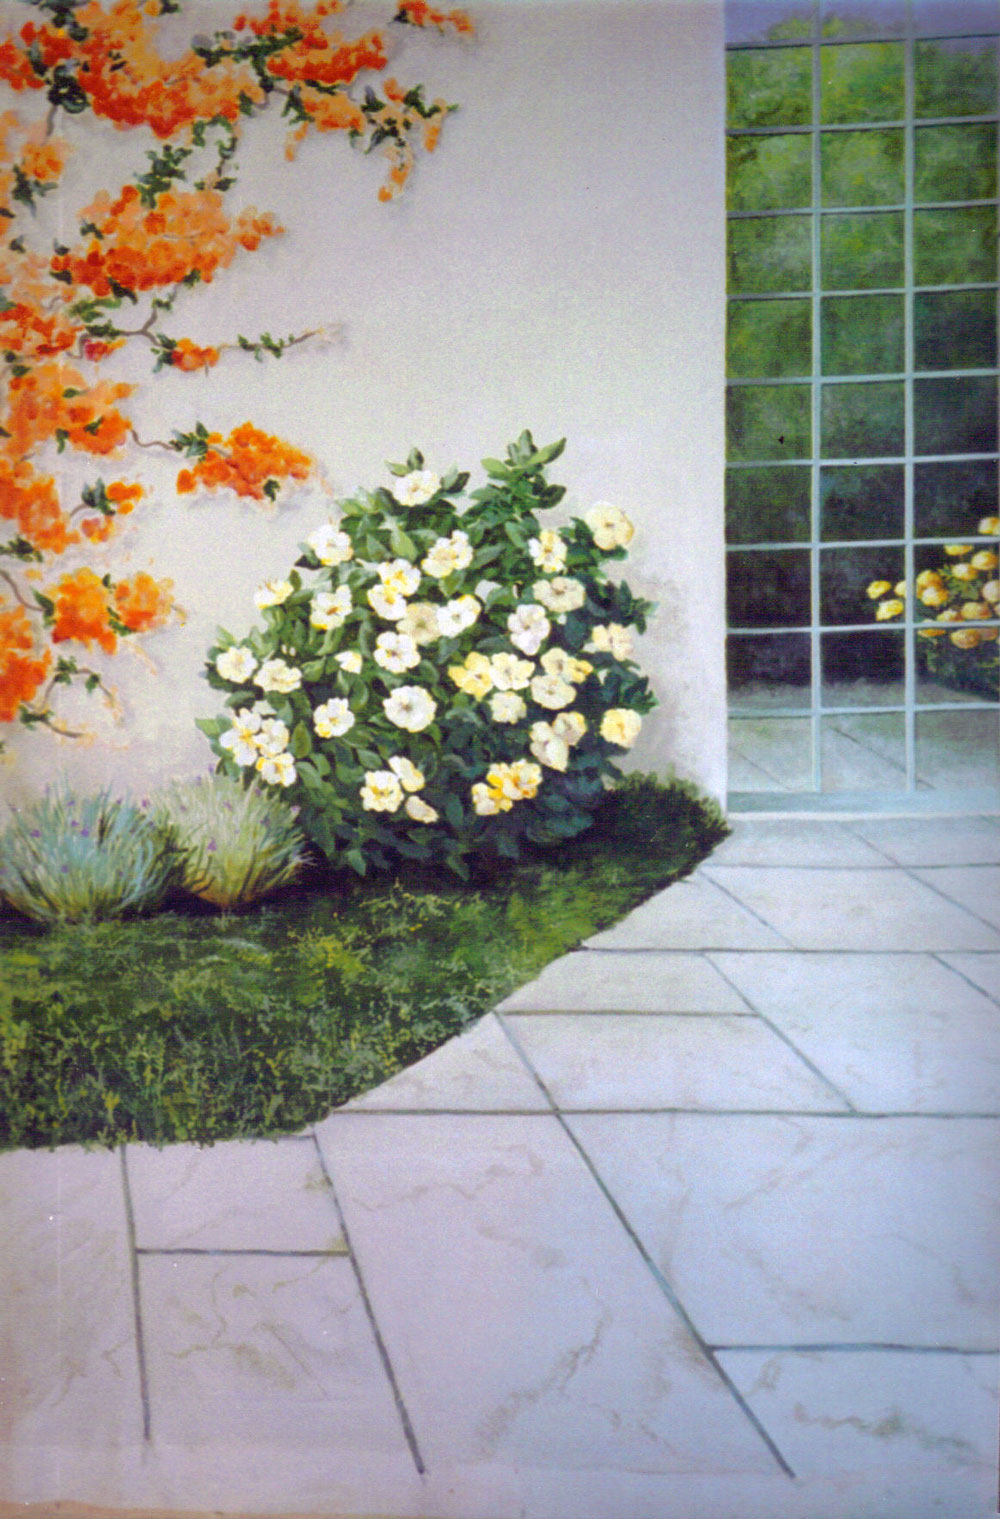 Trompe-Loeil-mural-flowers-detail.jpg